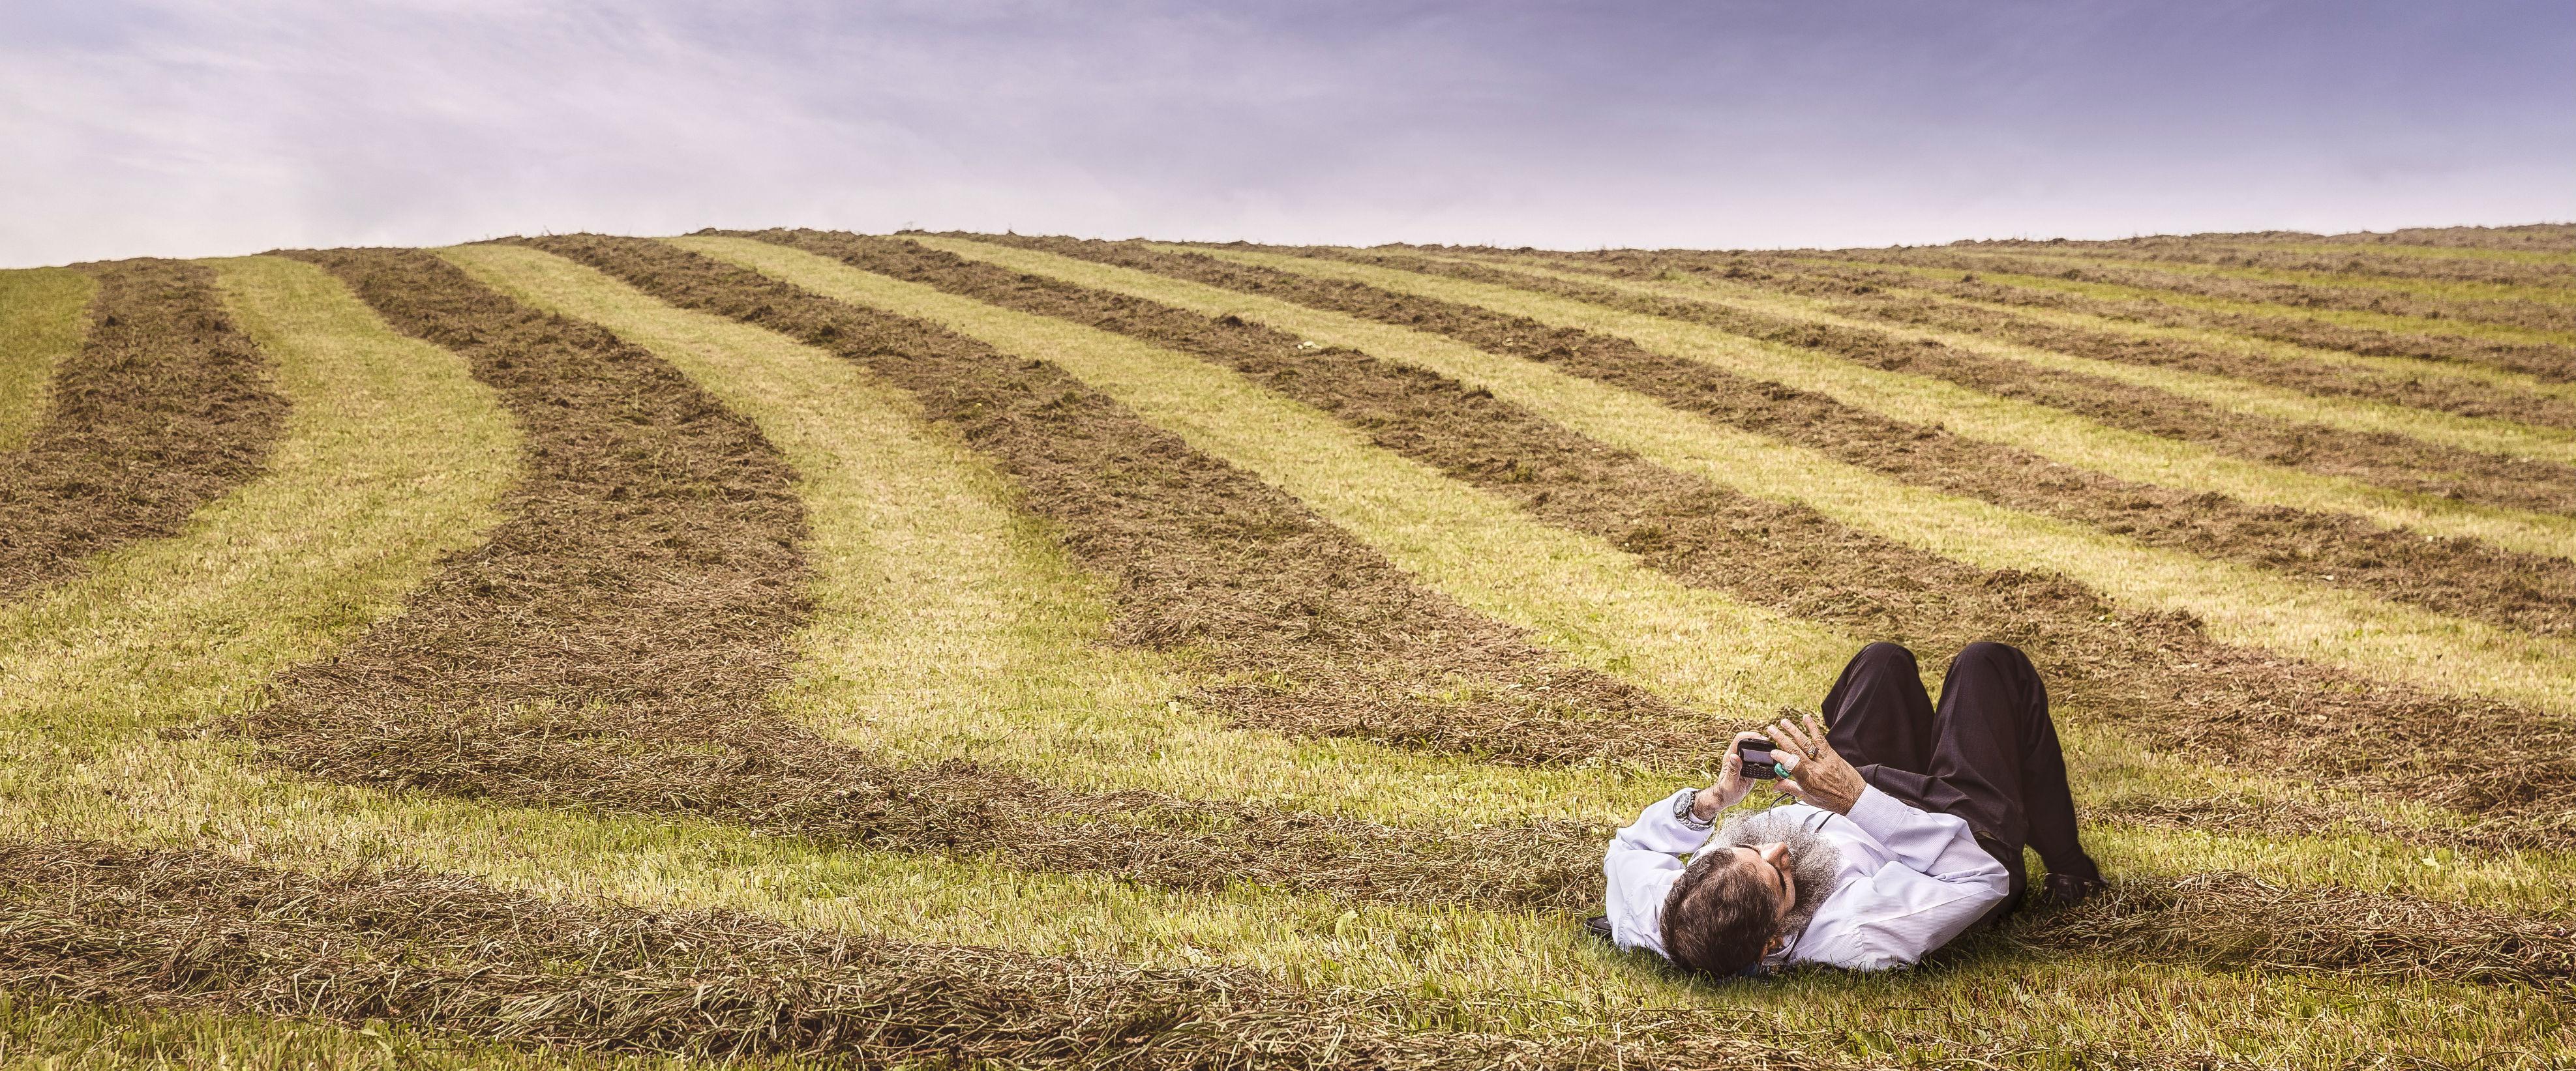 Politics behind going green- field